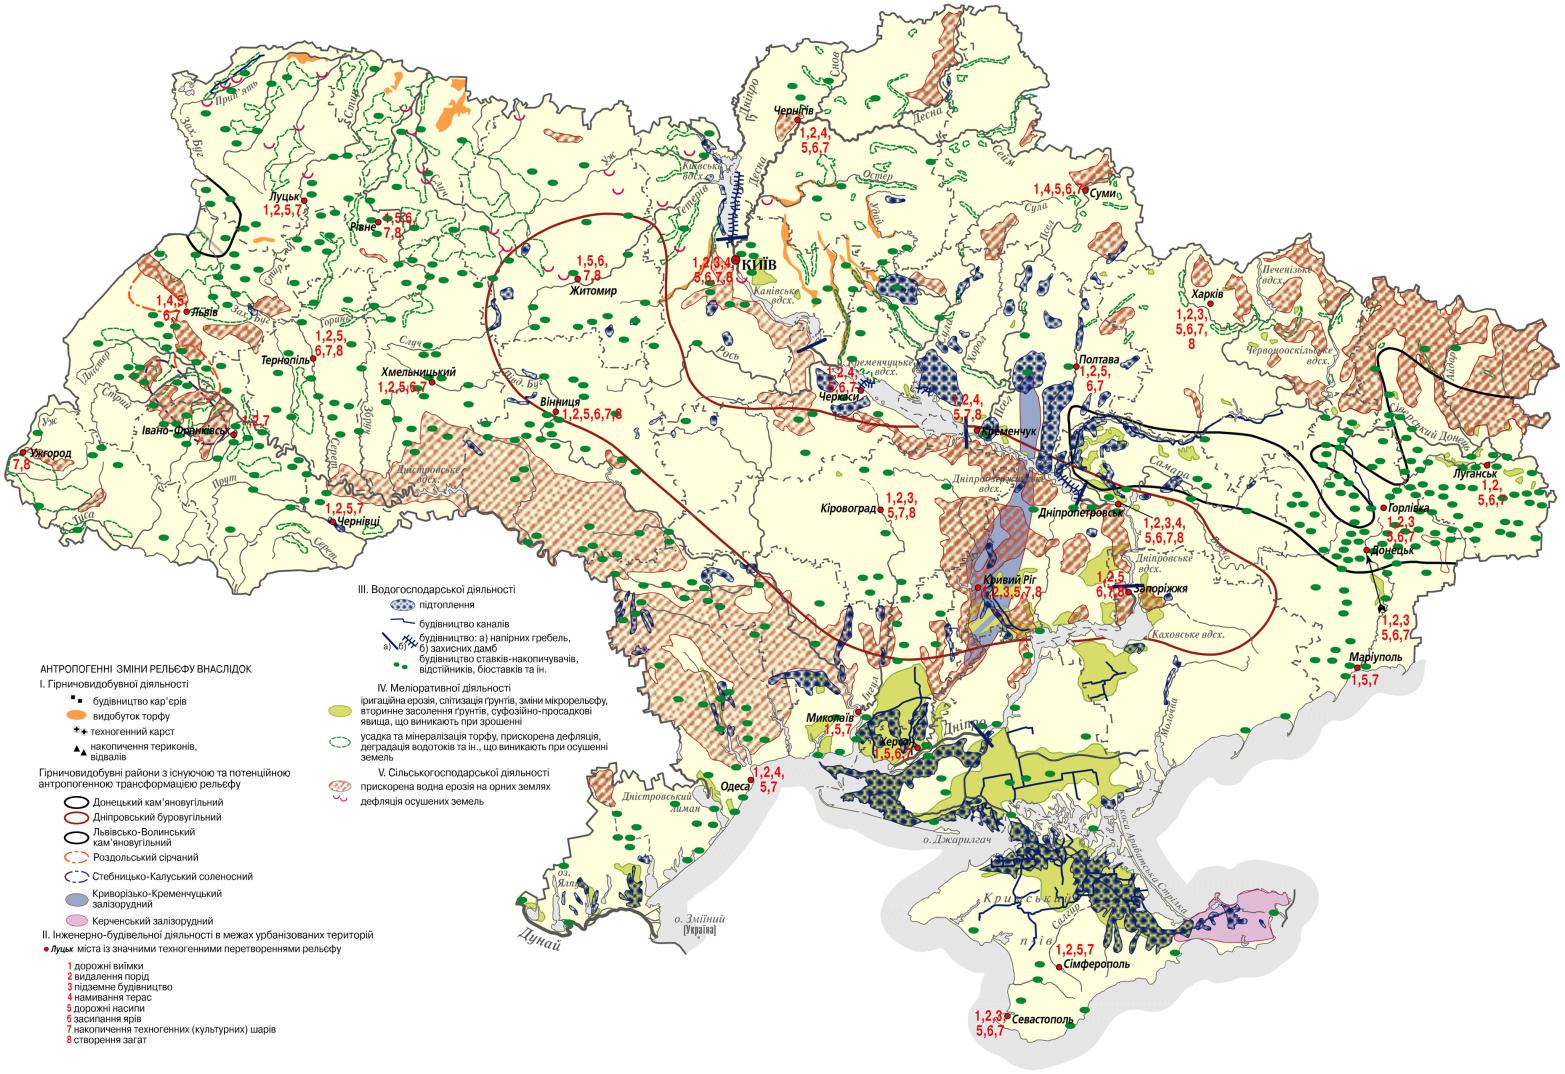 Карта антропогенных изменений рельефа Украины